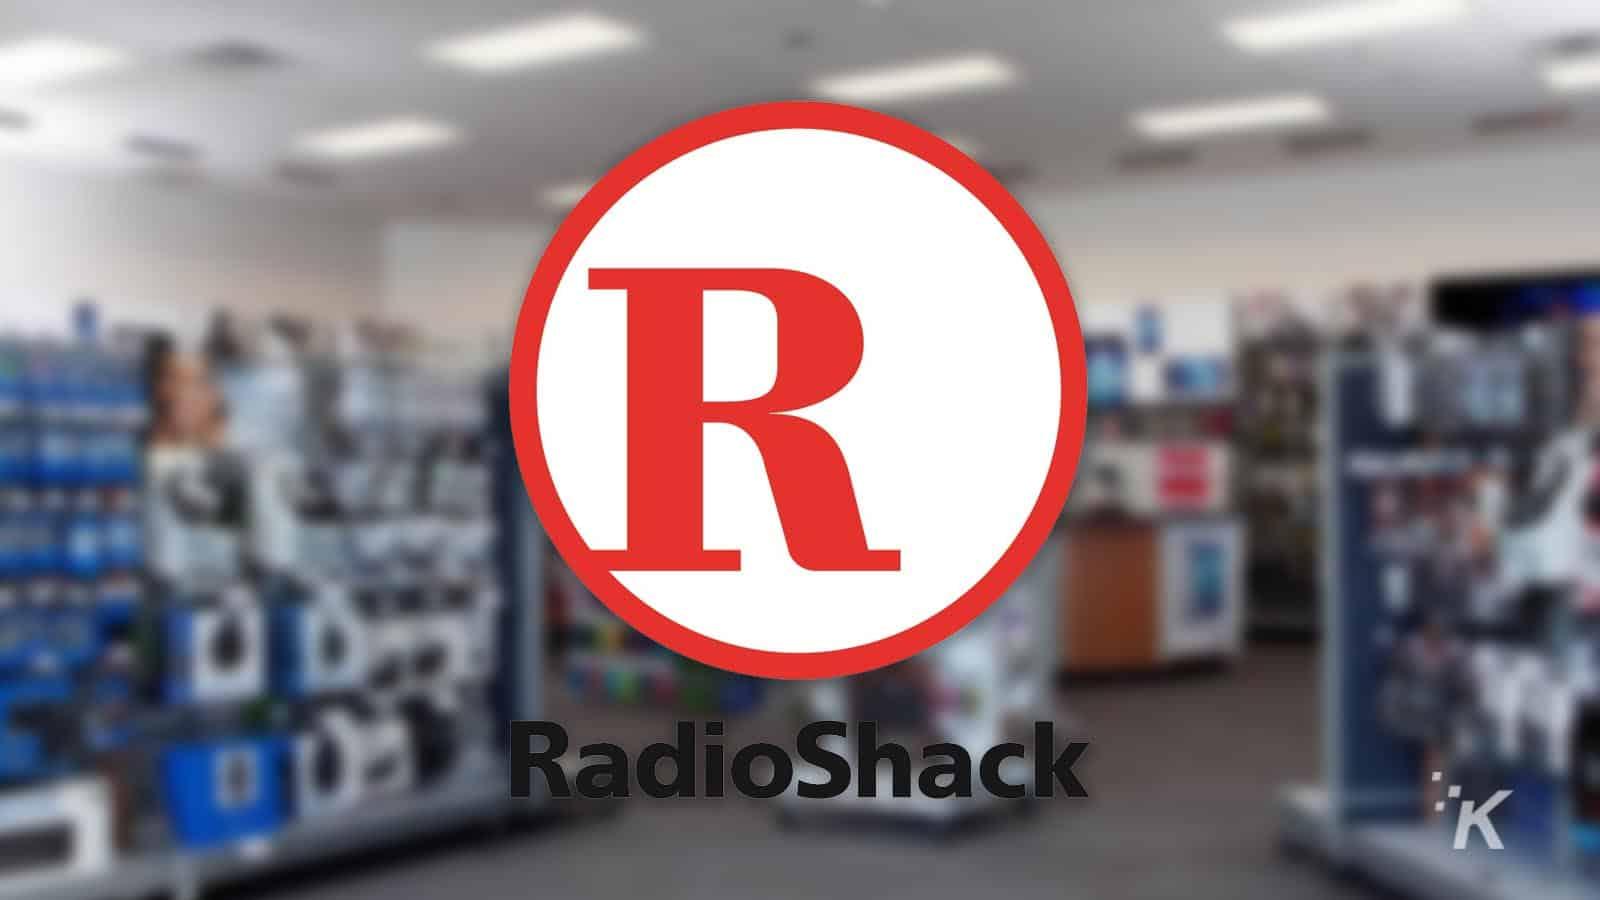 radioshack logo on blurred background